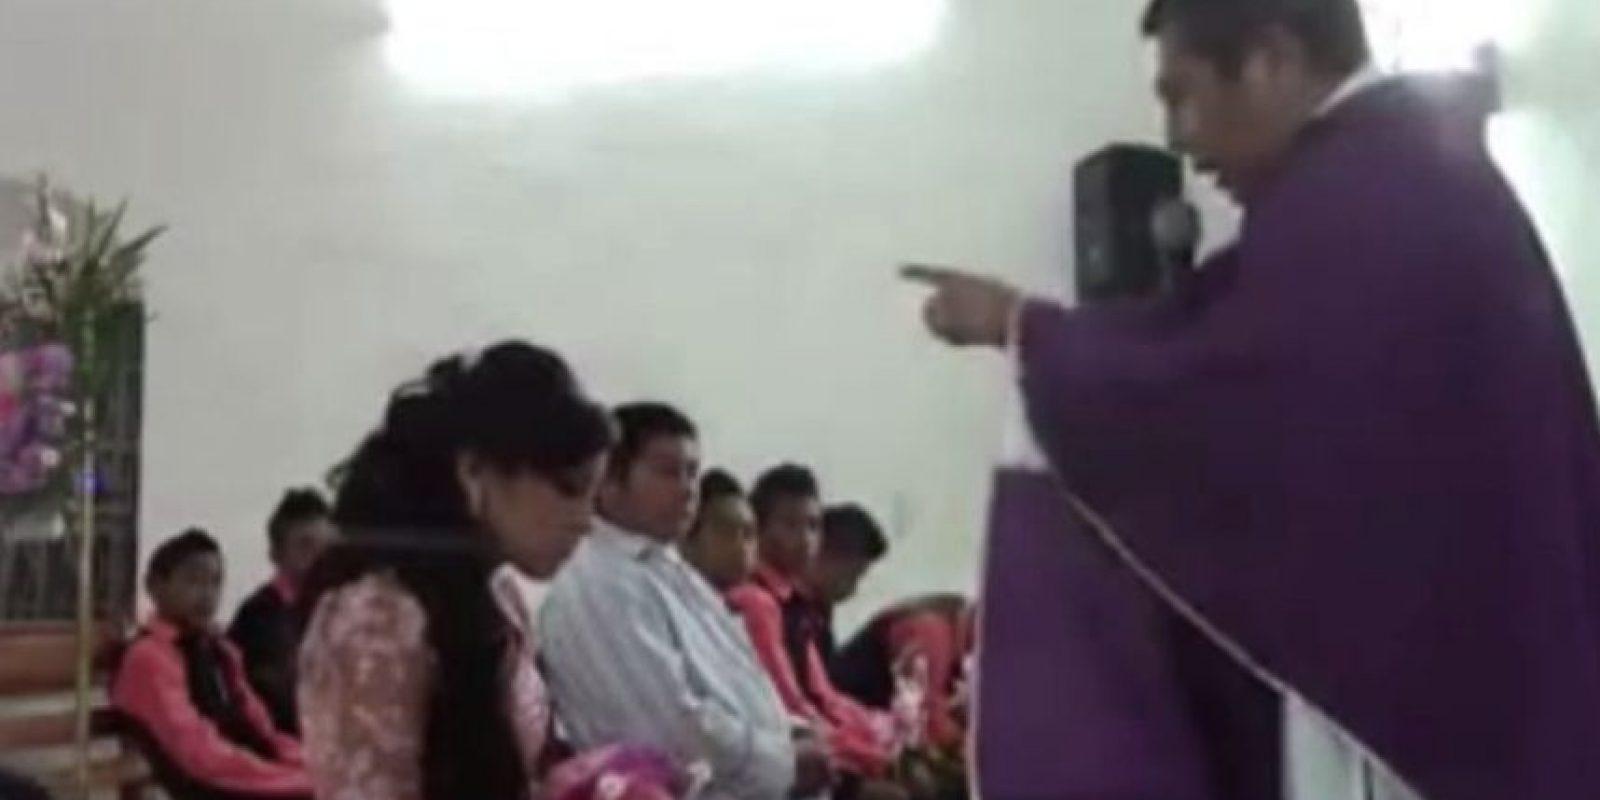 Los padres de la menor se mostraron molestos por la agresión. Foto:Captura de pantalla